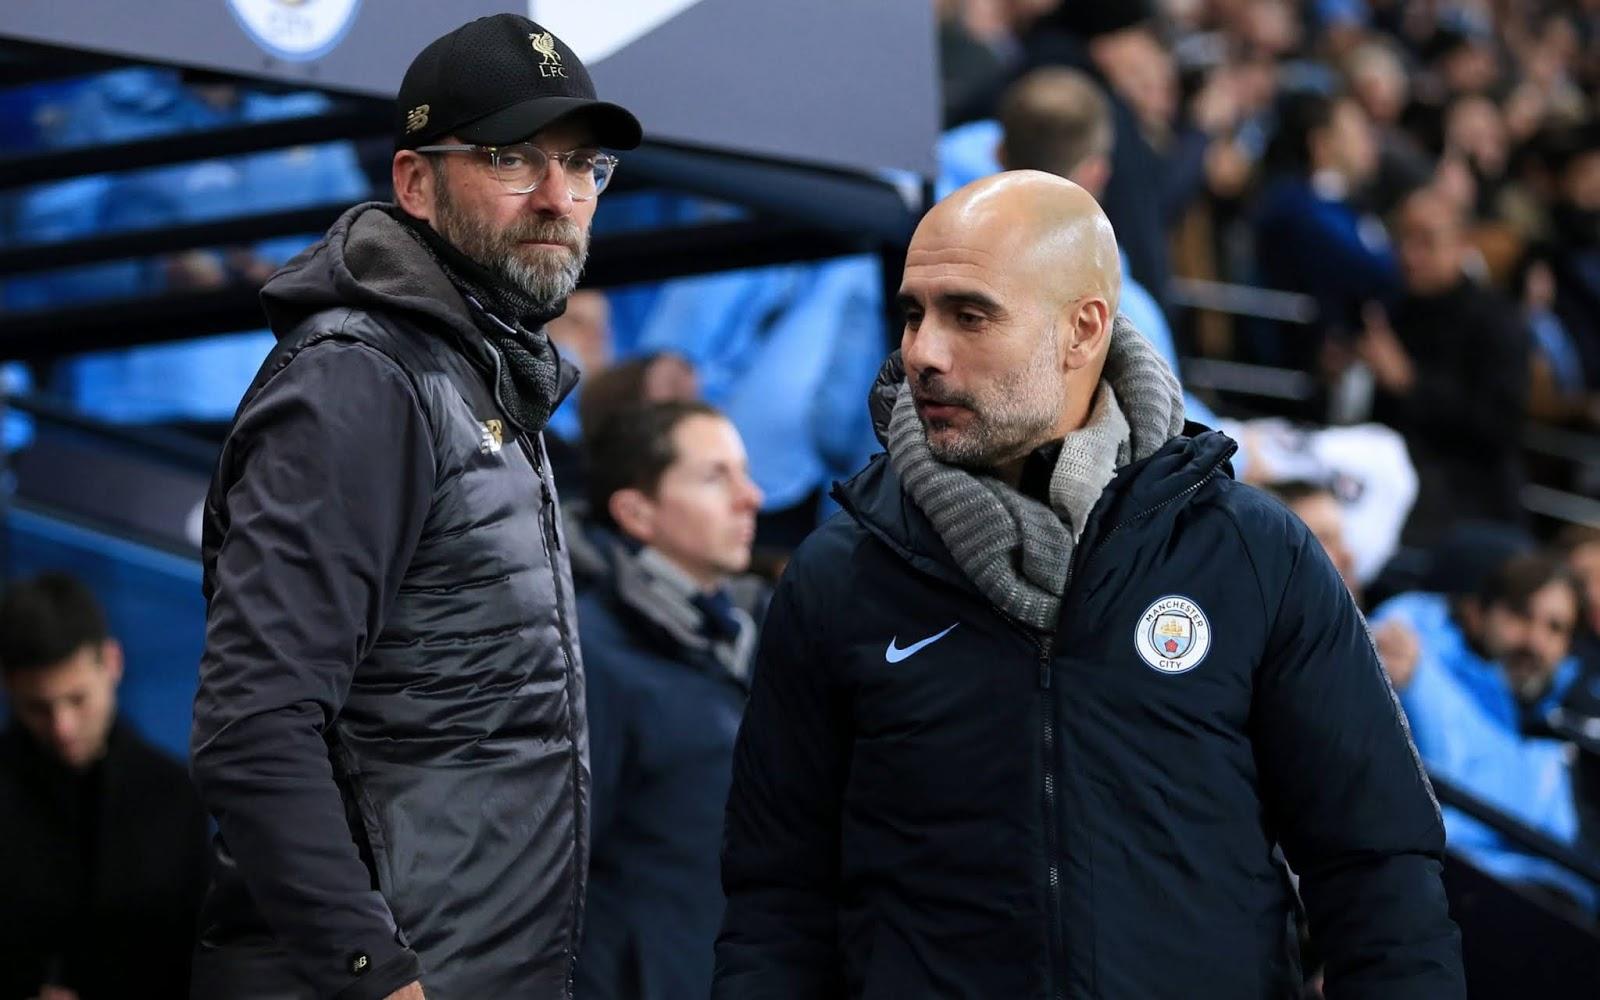 Master tacticians Jurgen Klopp and Pep Guardiola